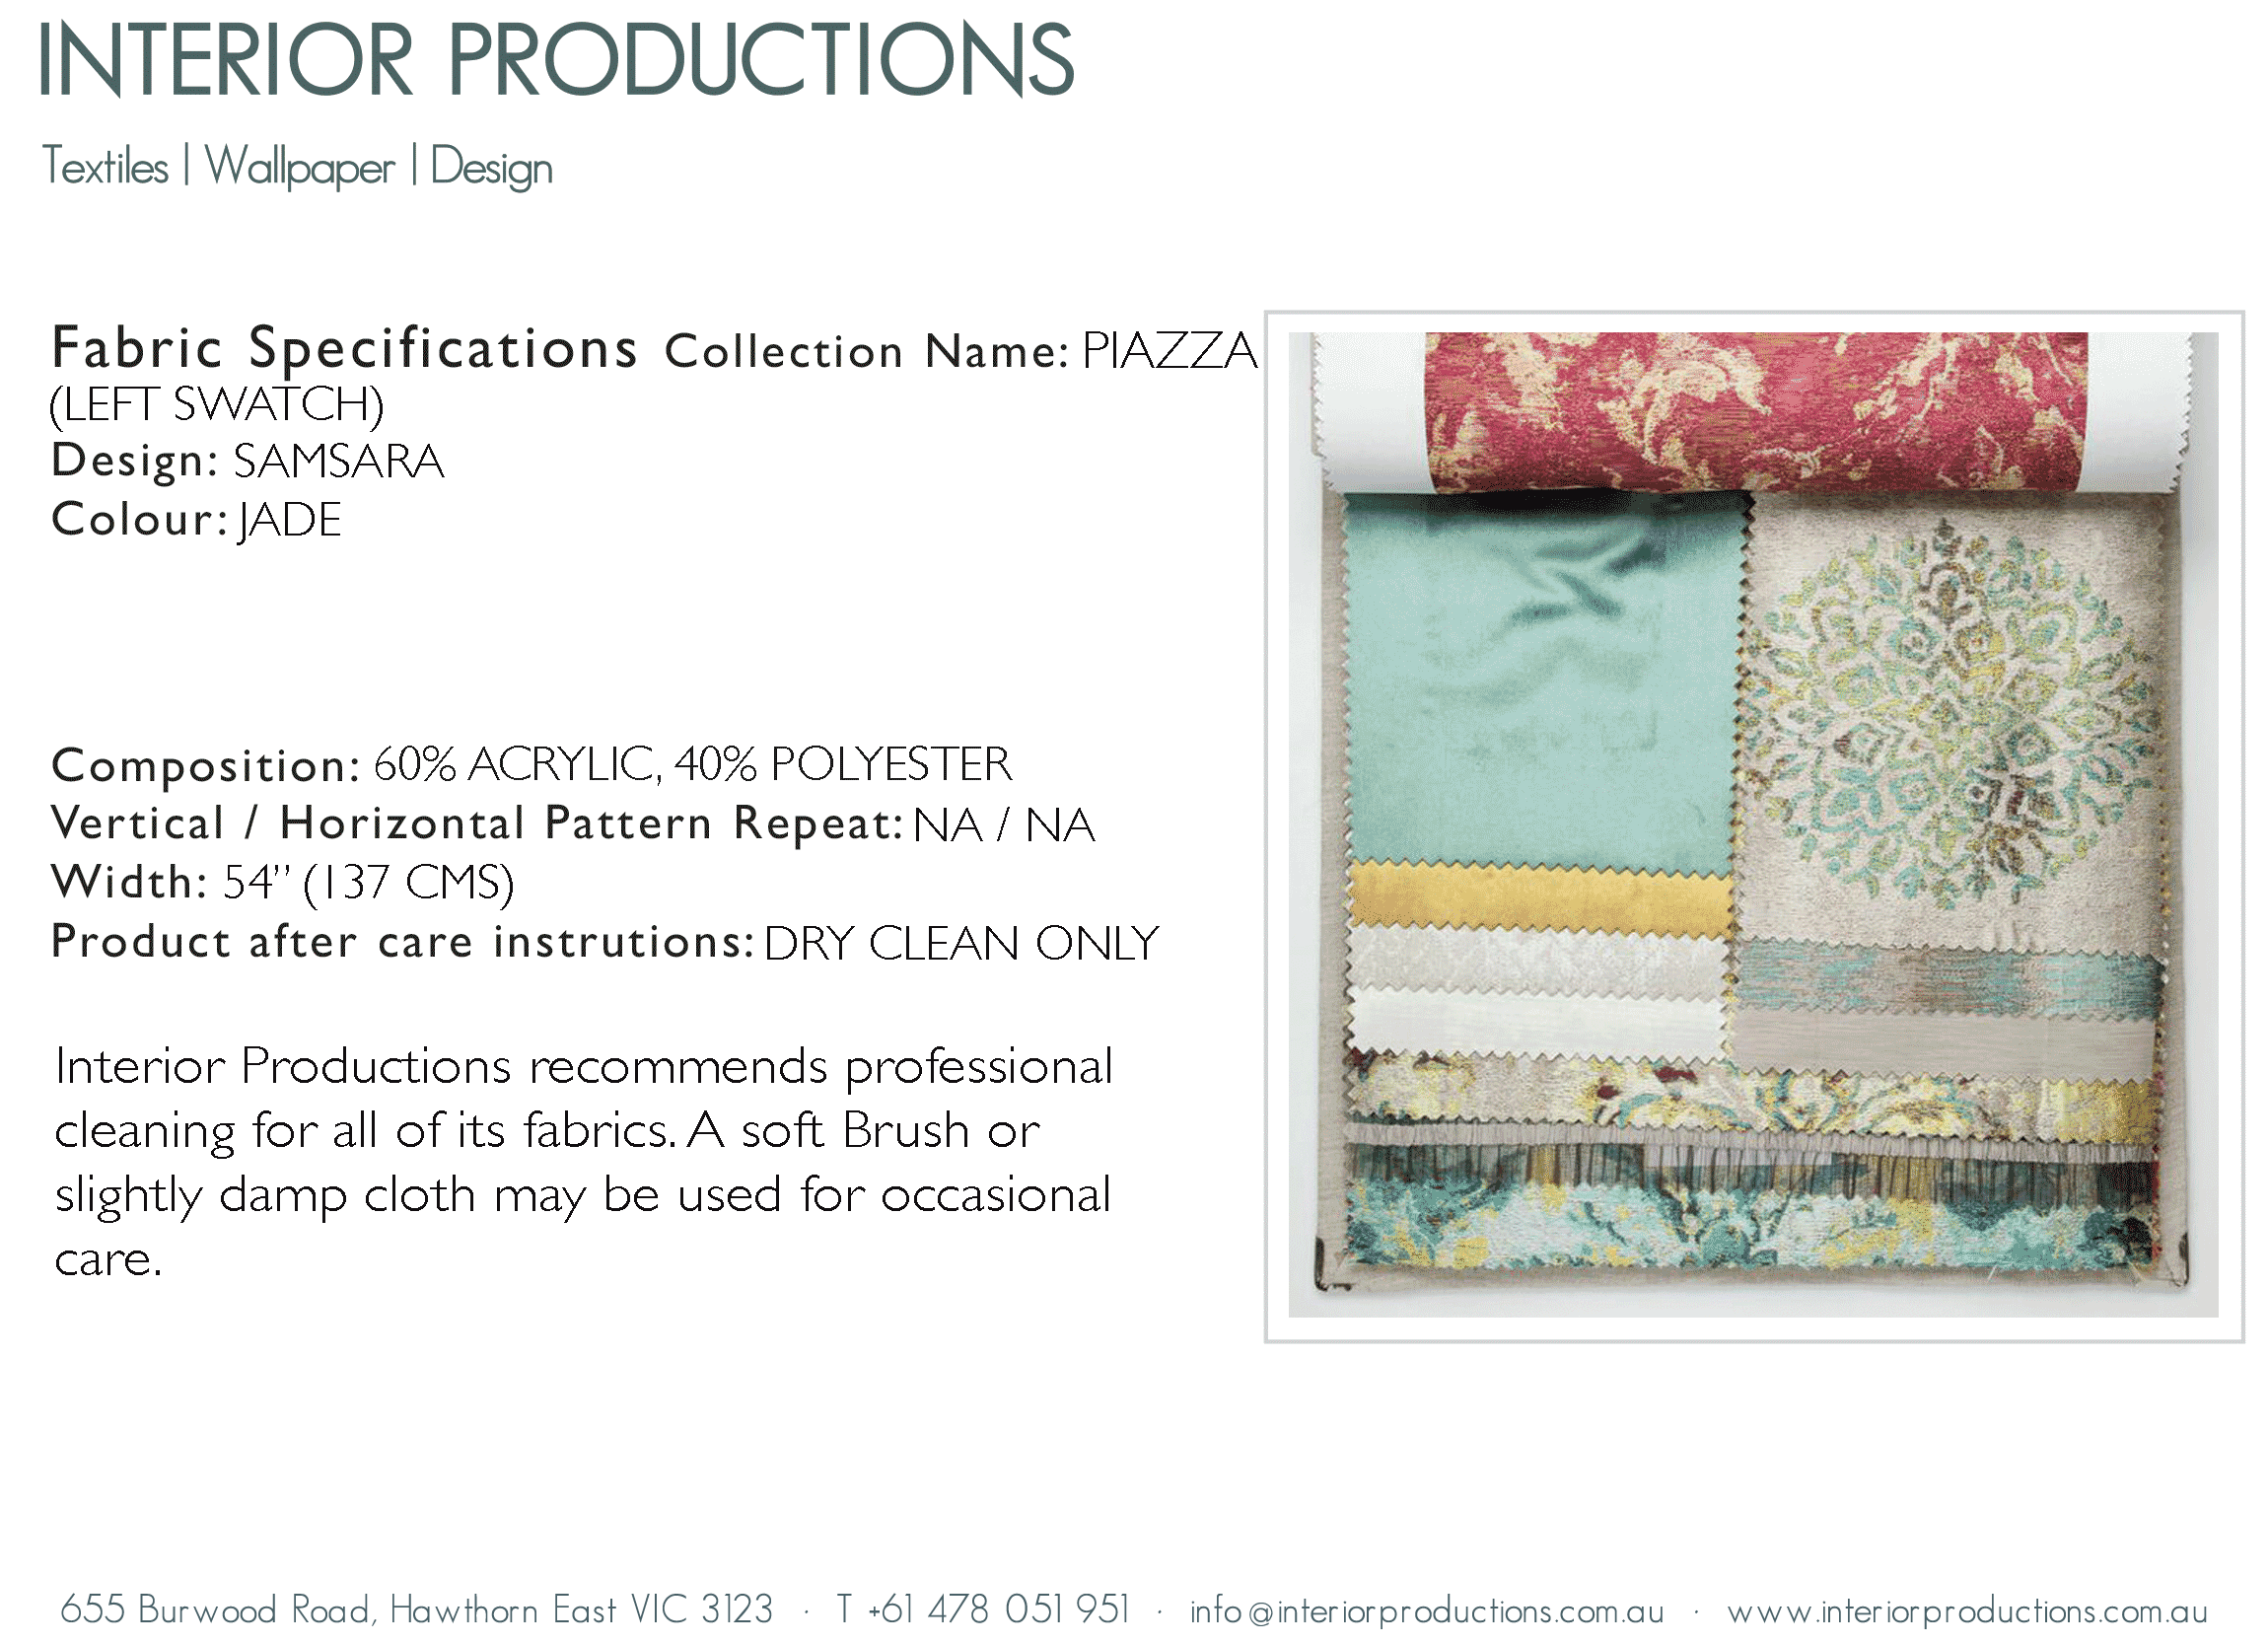 interior_productions_SAMSARA---JADE